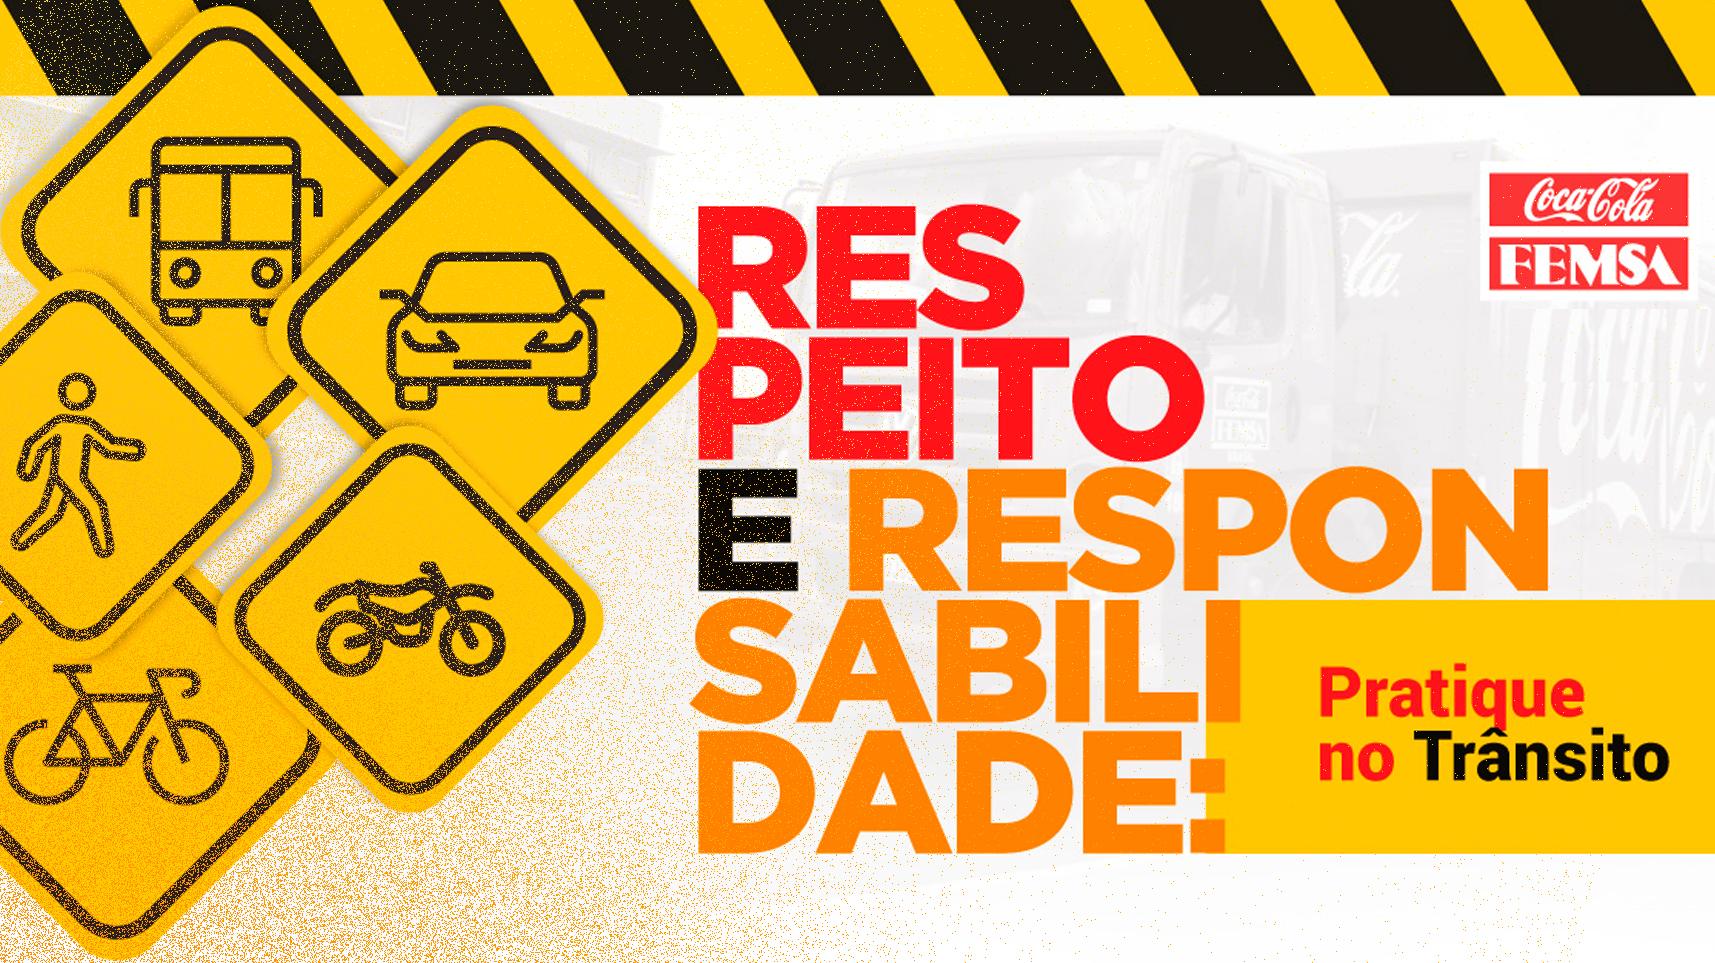 A Coca-Cola Femsa Brasil promove a segurança viária e adere ao programa Empresa Laço Amarelo.